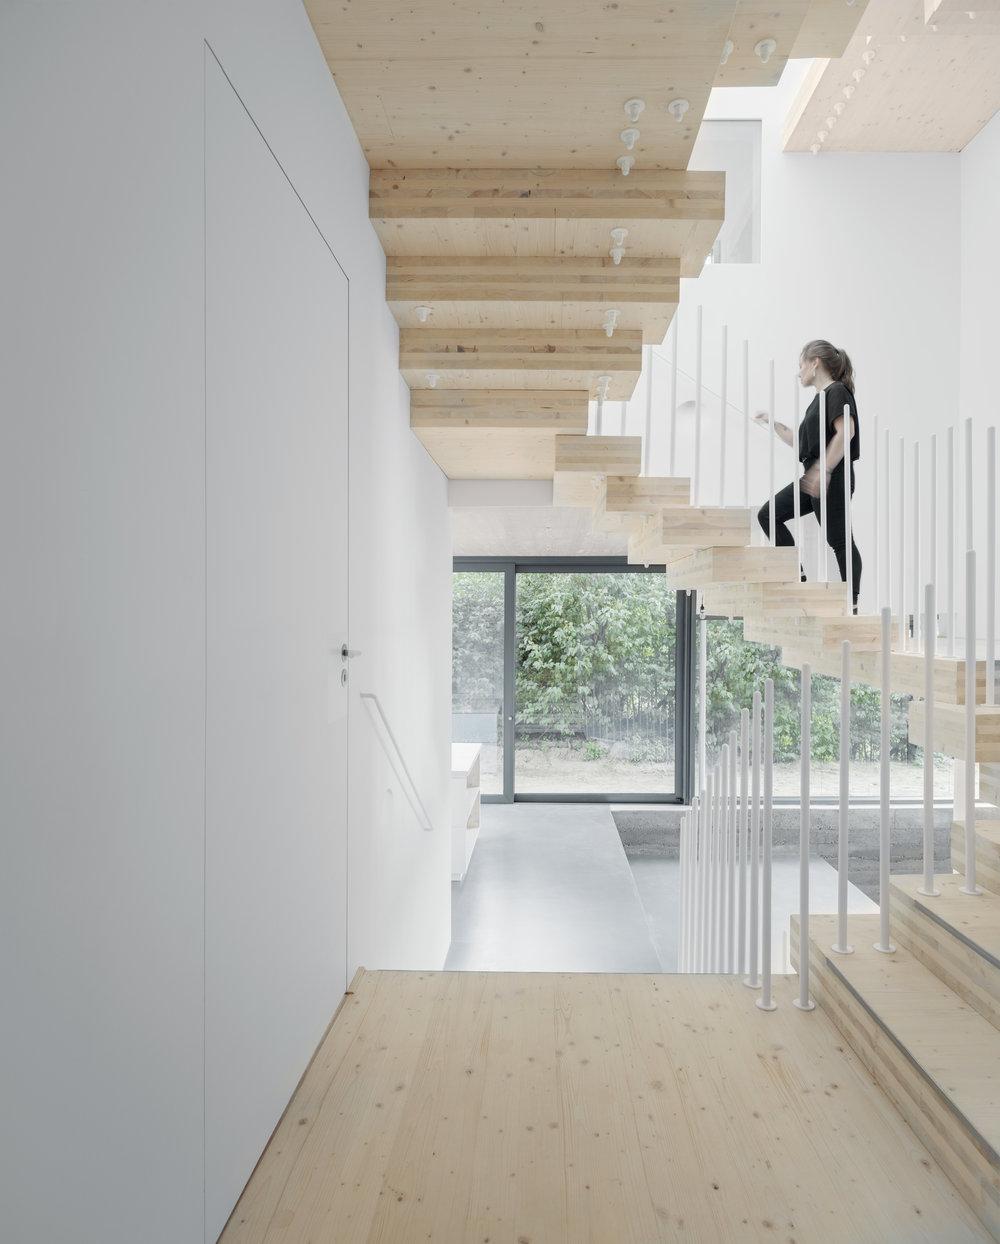 rundzwei Architekten, Korkenzieher Haus, Berlin